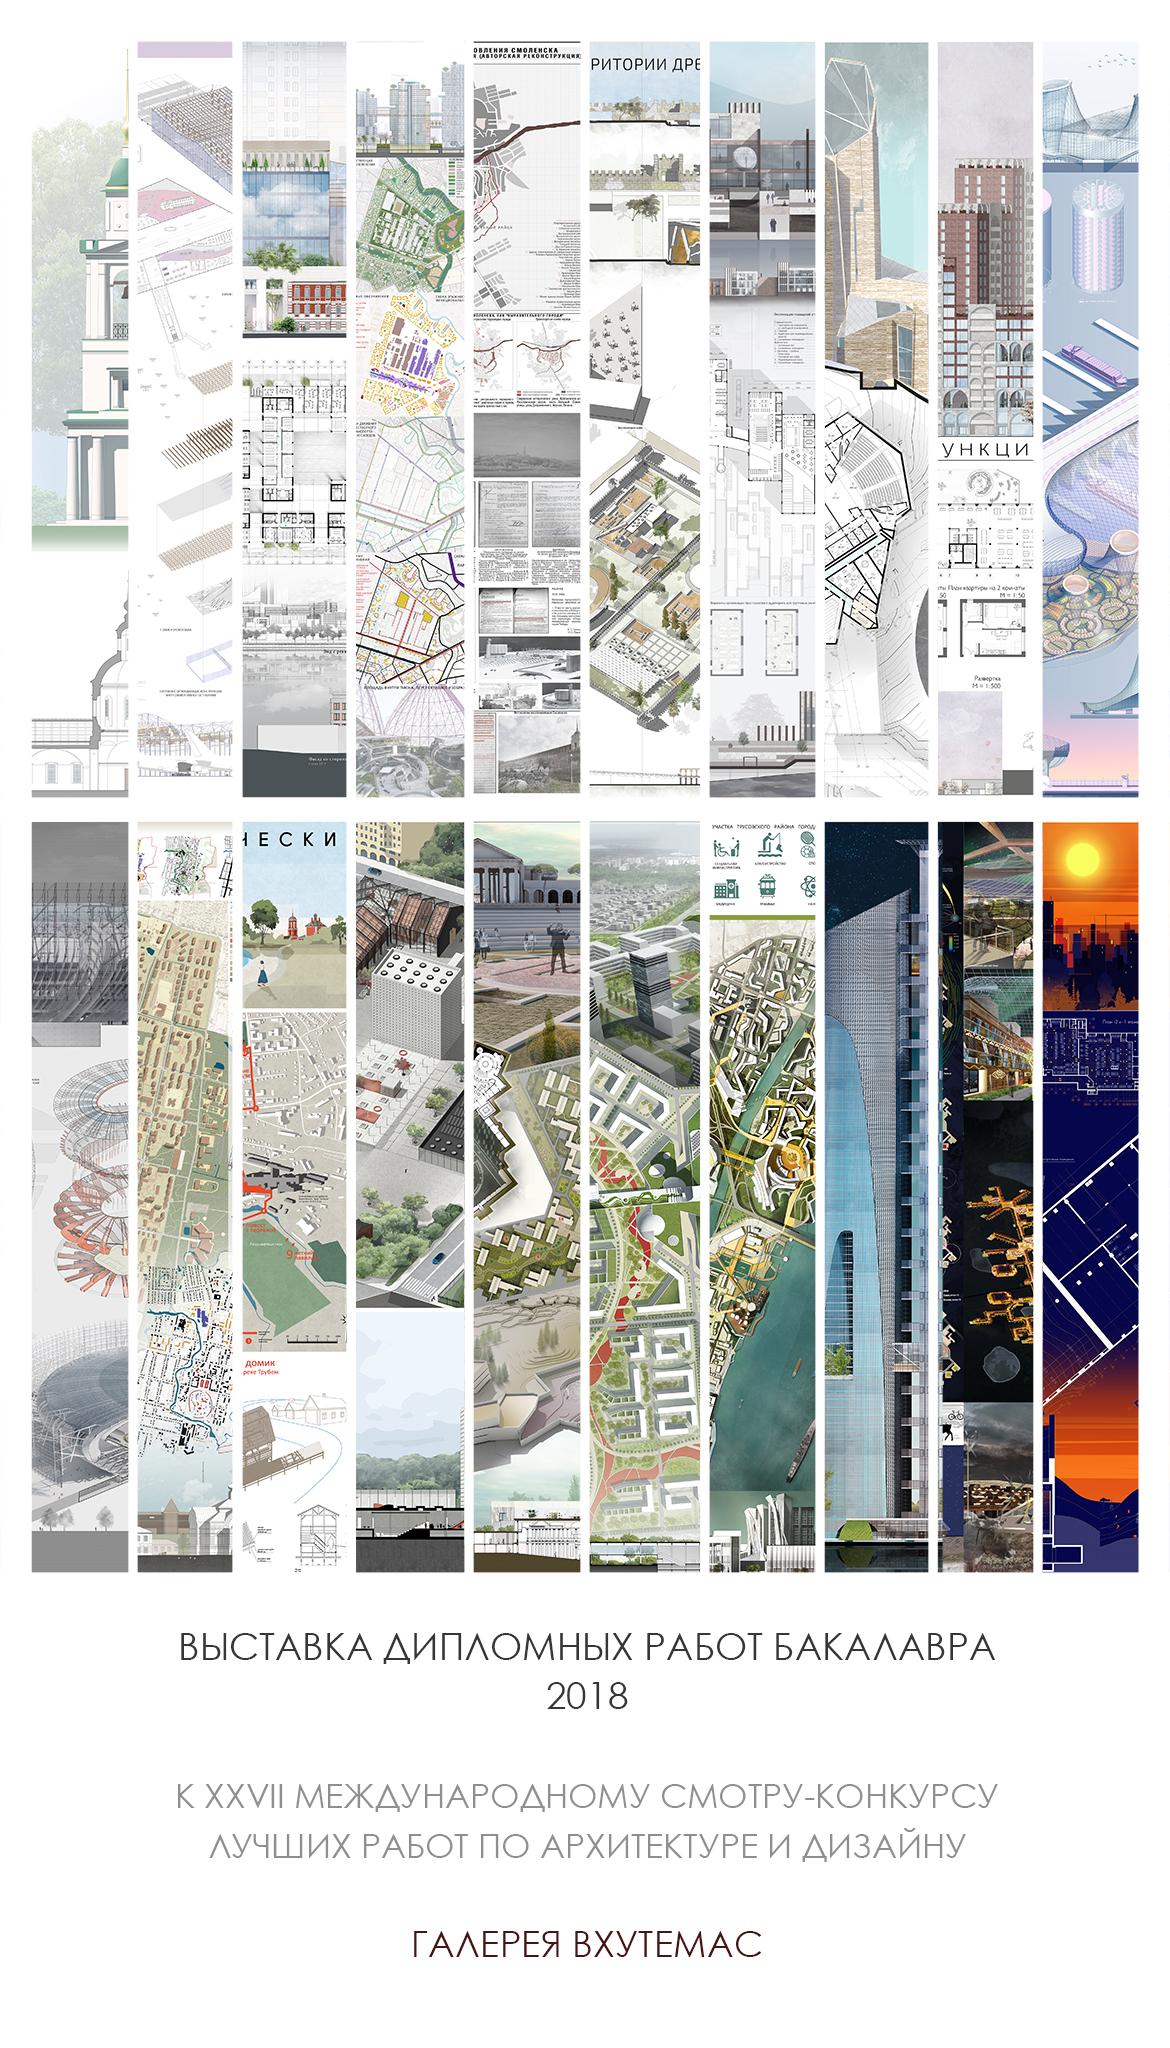 Архитектурные конкурсы дипломных работ 2019 7770